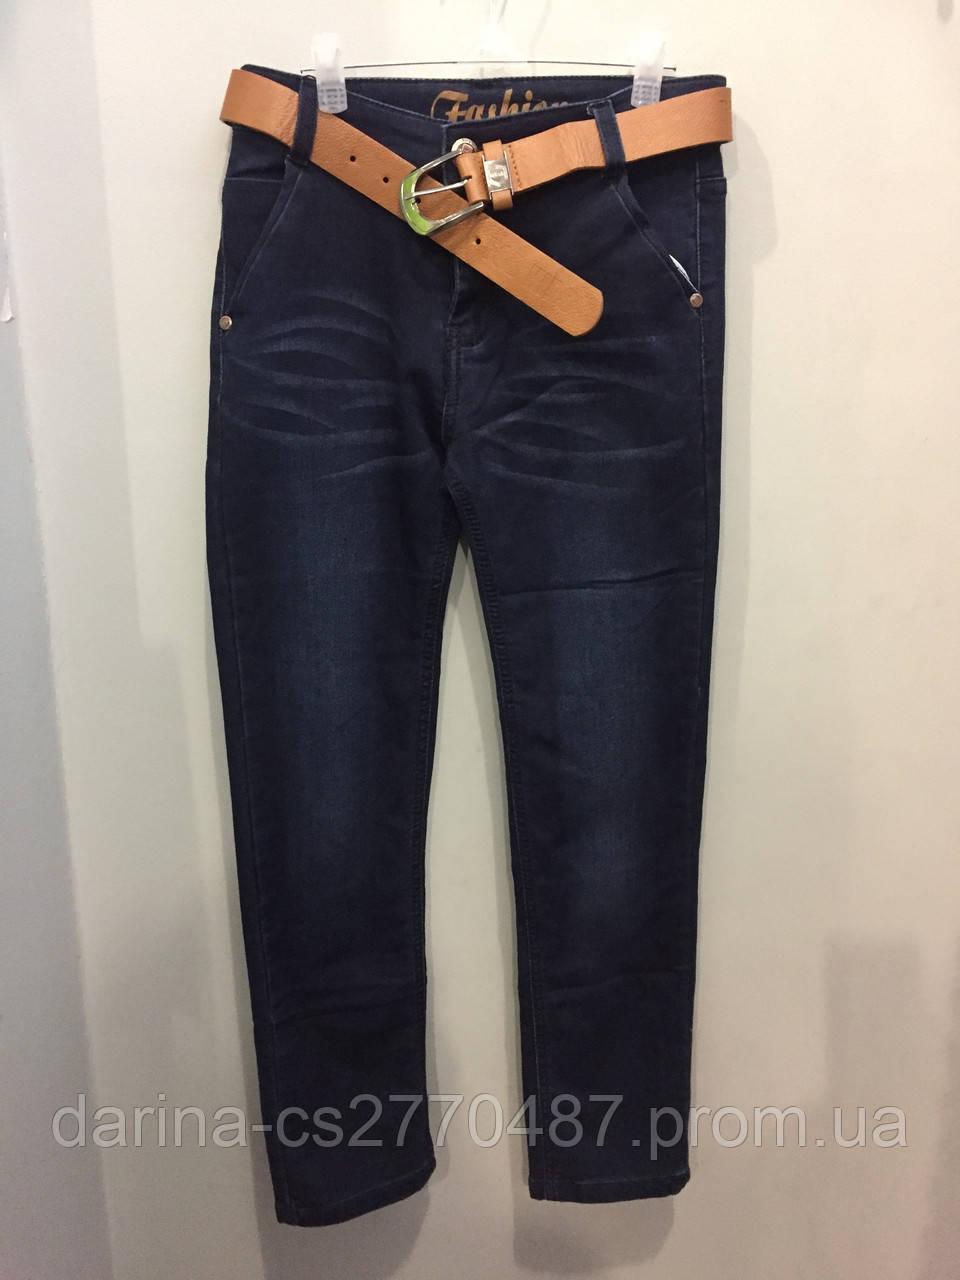 Подростковые джинсы для мальчика 134,158 см